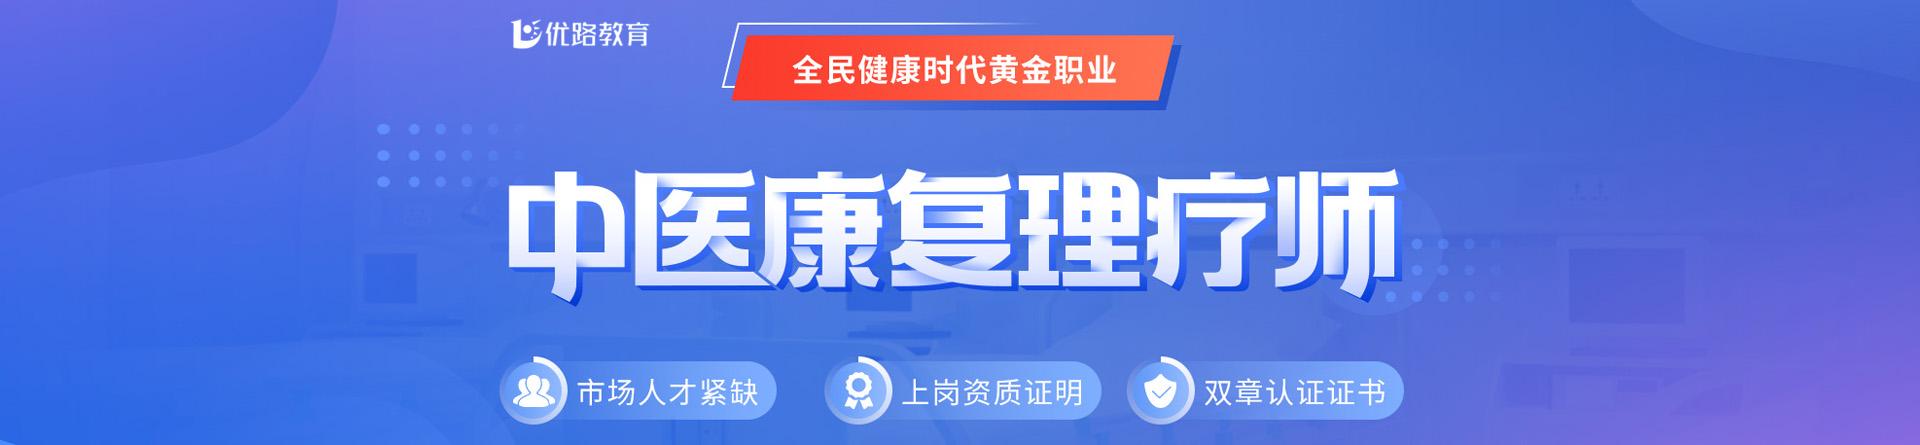 广东梅州优路教育培训学校